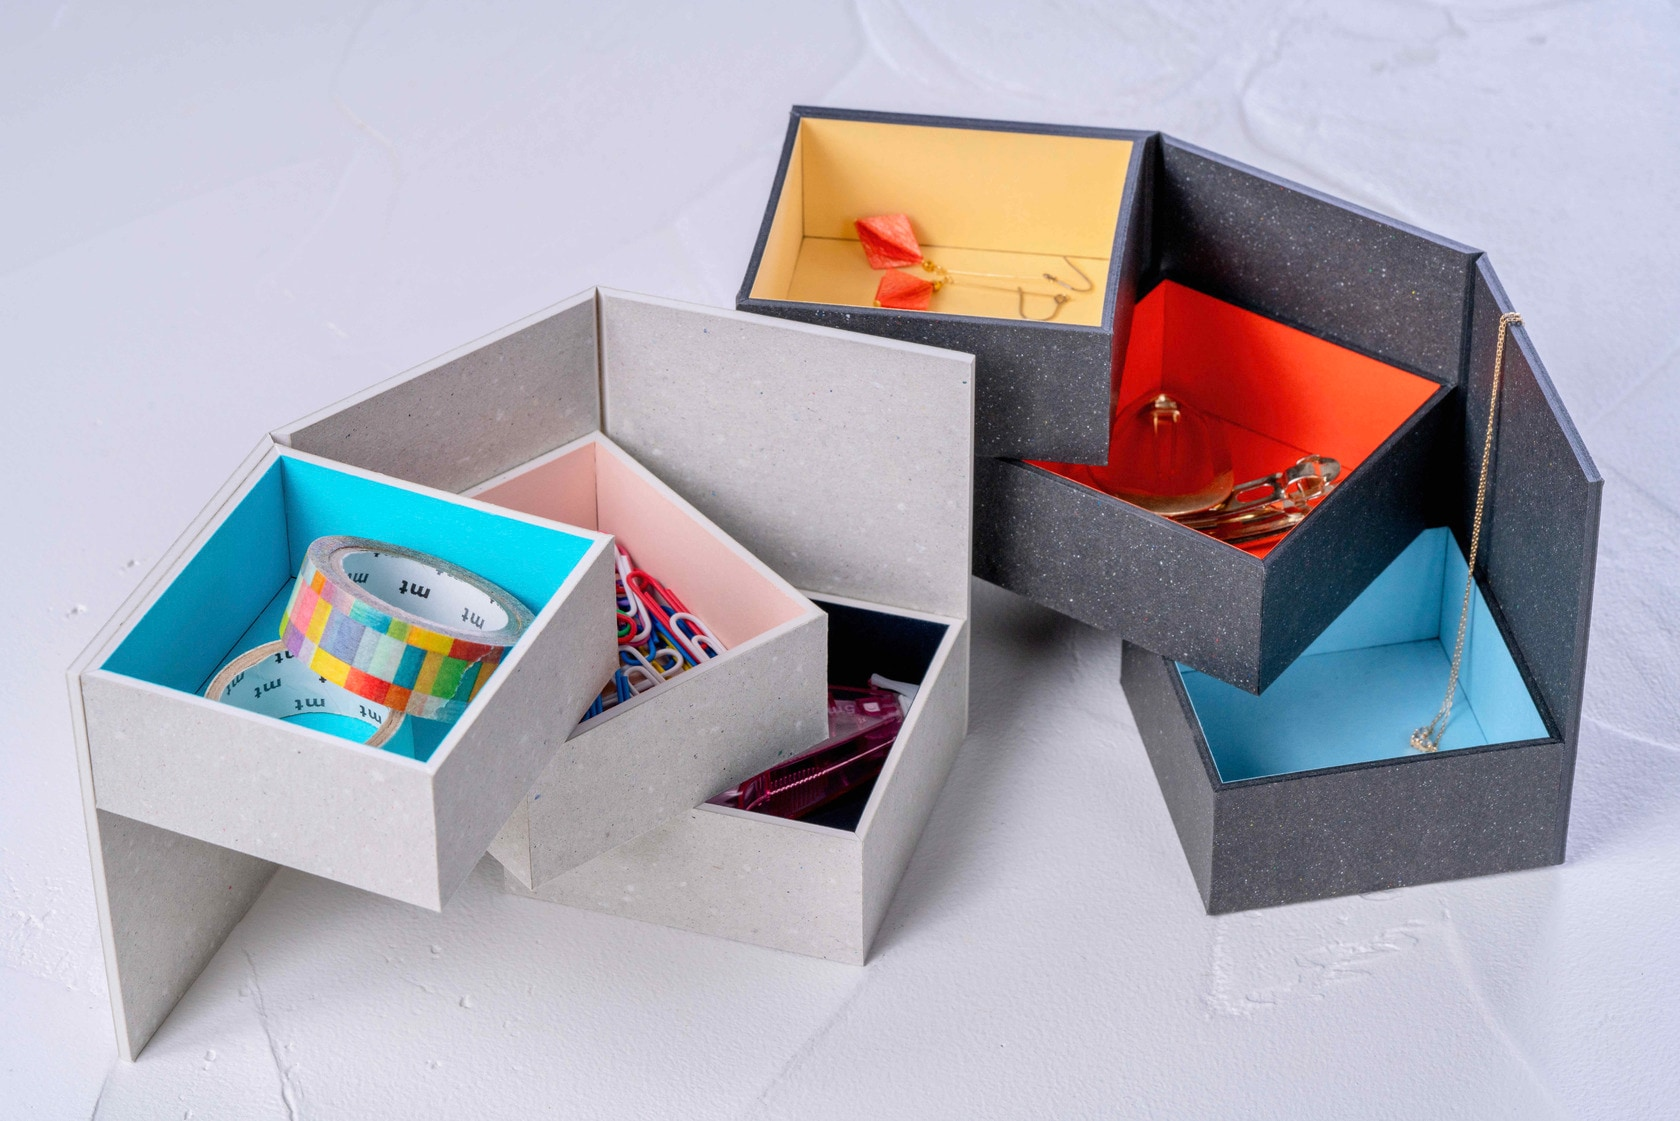 通販・お取り寄せ紙箱の収納ボックス,モリタのMiNiMuM Space BOX-2,札幌スタイル認証製品